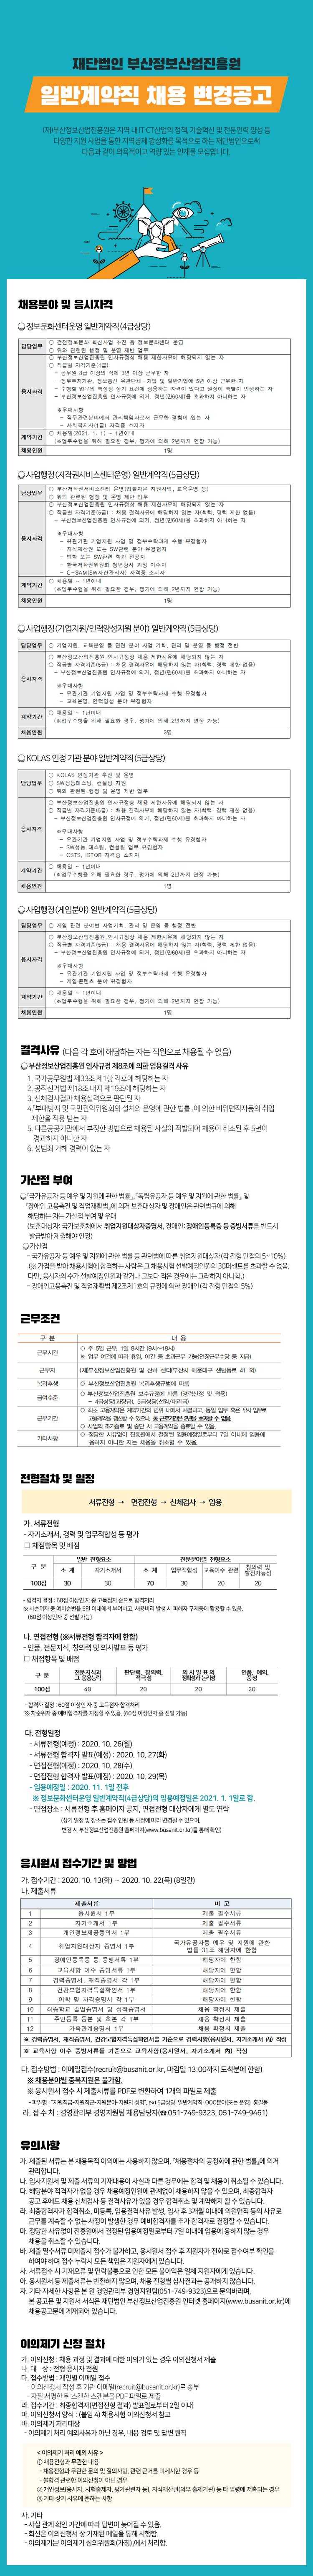 (재)부산정보산업진흥원 일반계약직 채용 변경공고